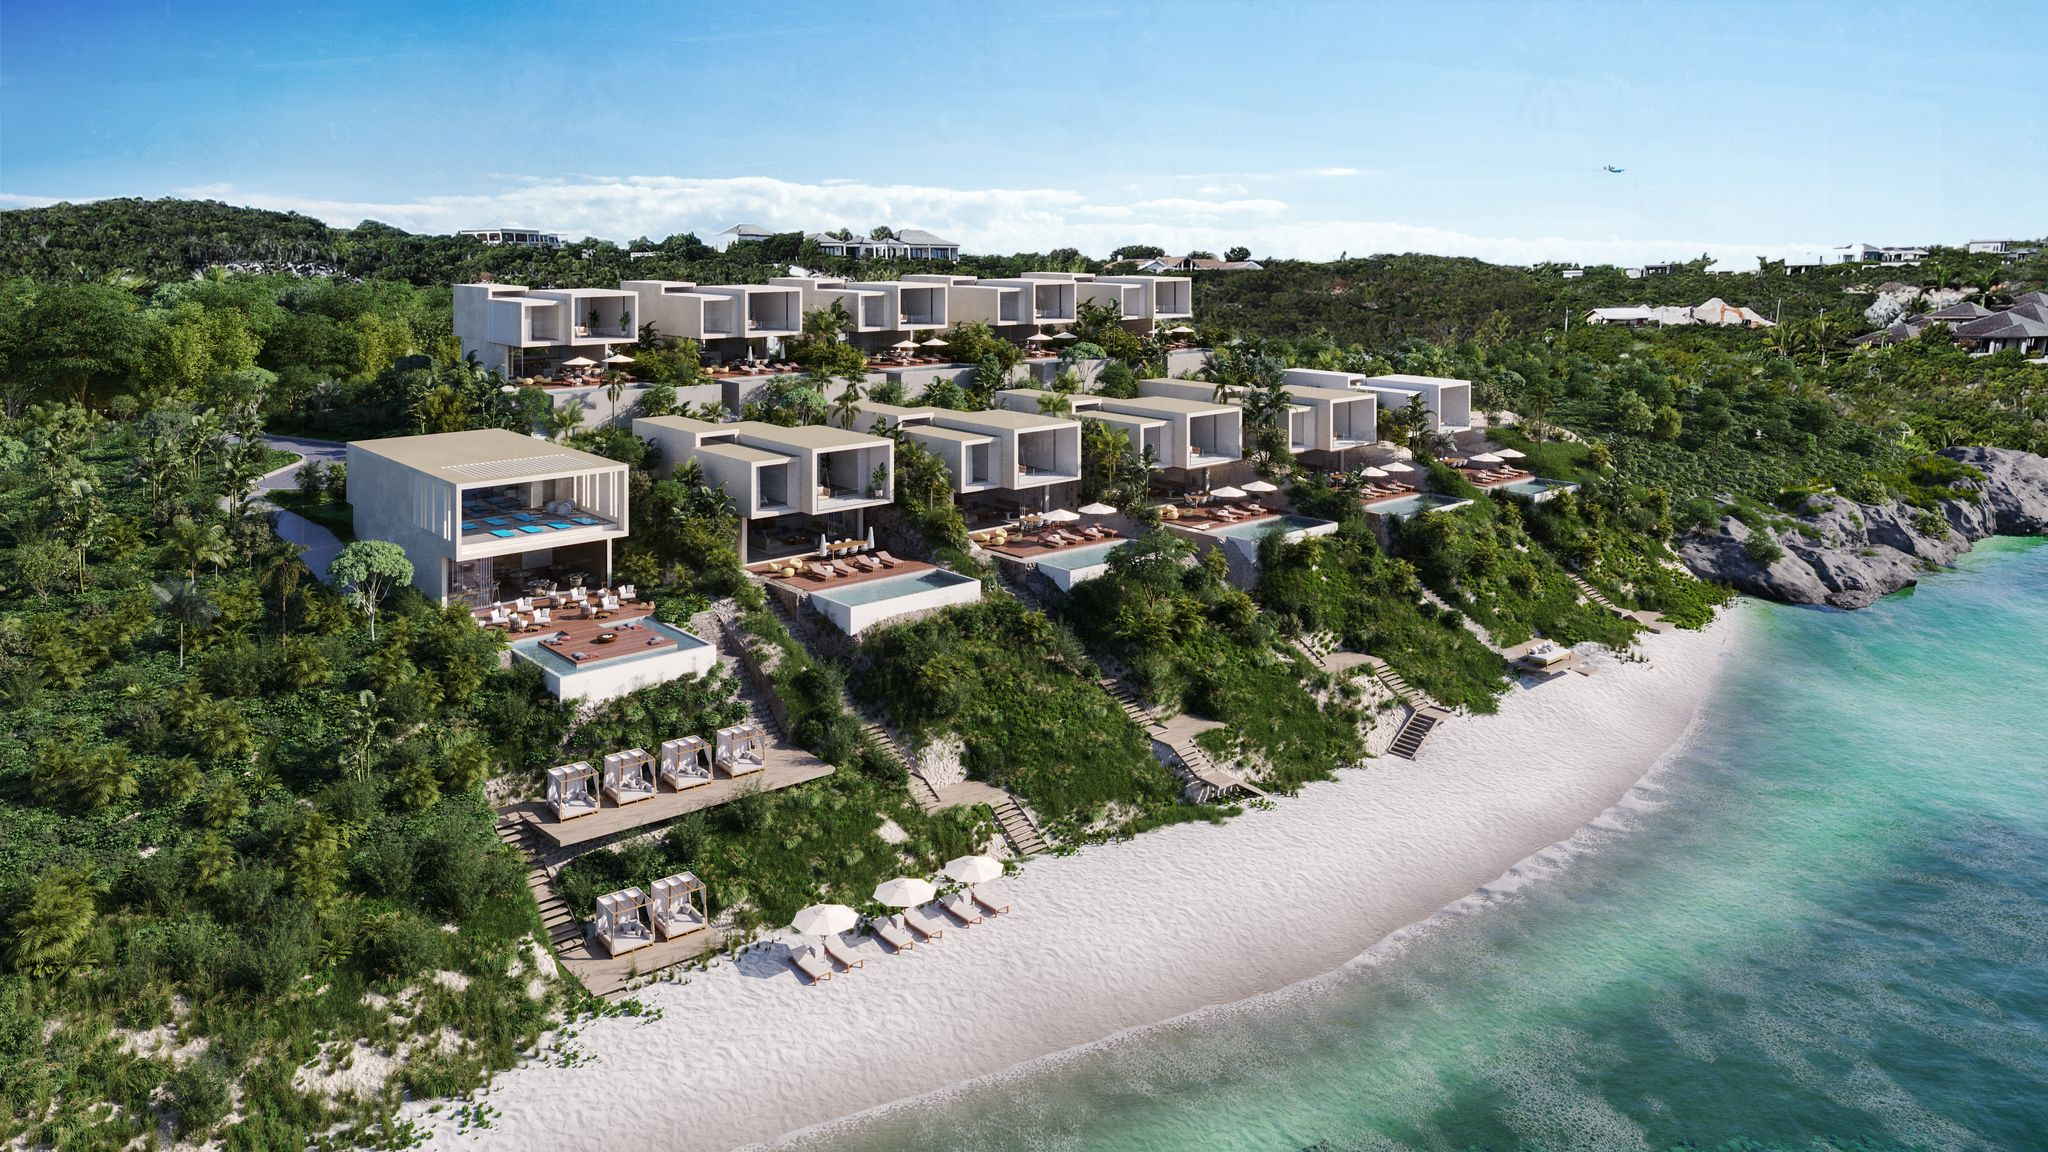 Enclave Turks & Caicos Mar2021 6